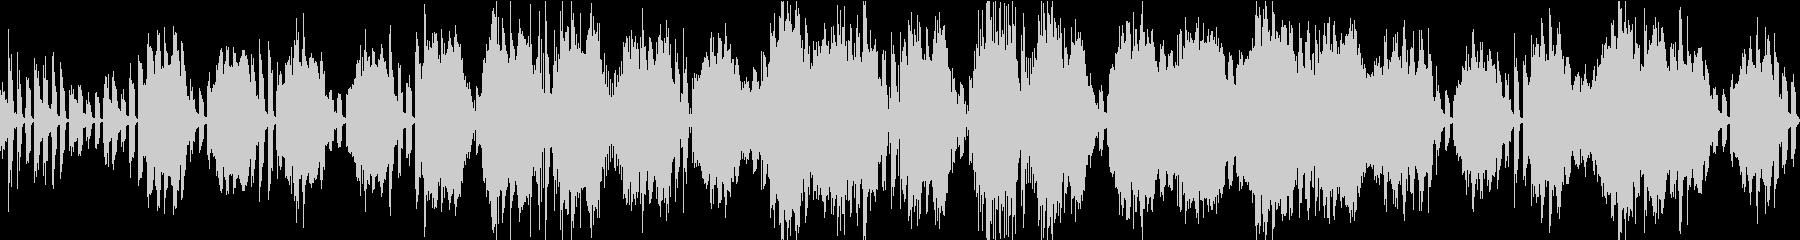 ゲーム向け洞窟ダンジョン探索ループBGMの未再生の波形